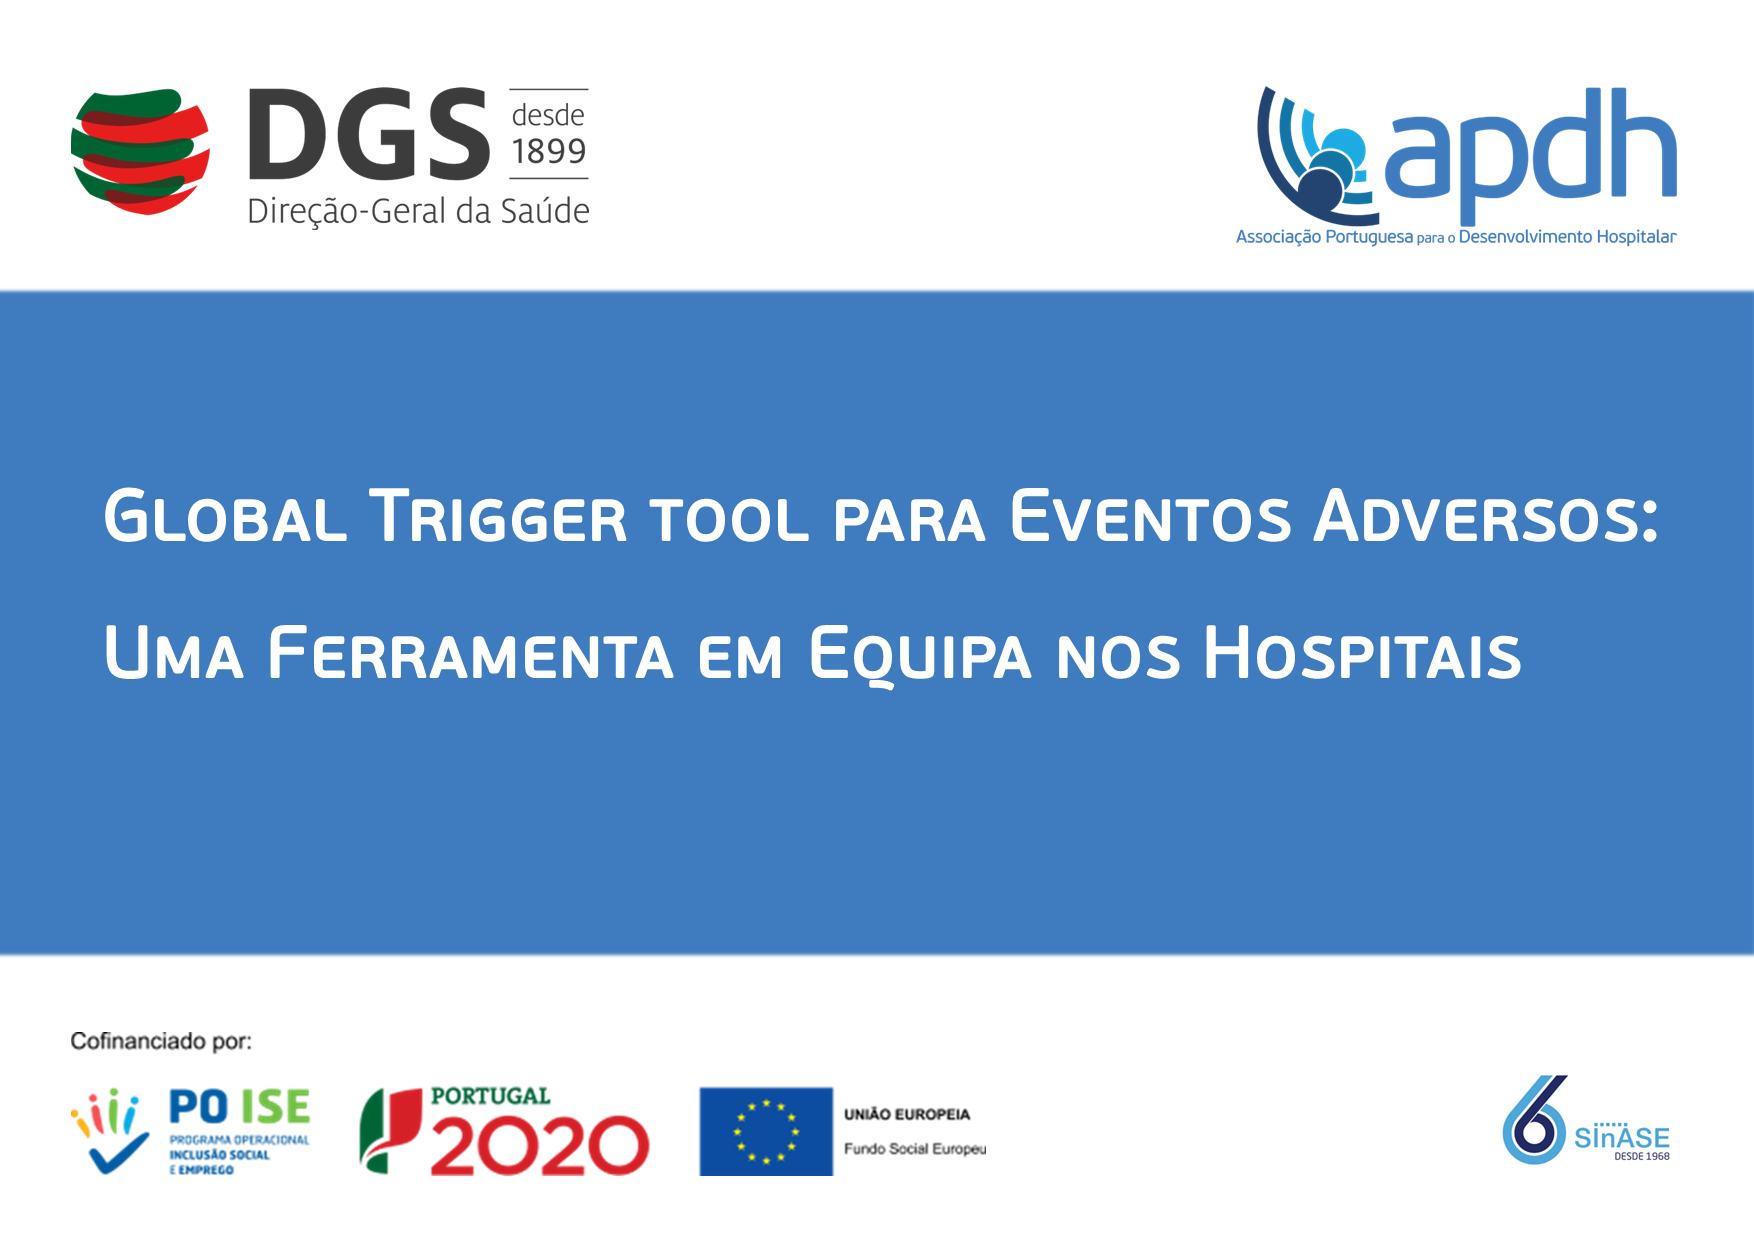 Global Trigger Tool para Eventos Adversos Uma ferramenta em equipa nos Hospitais.png